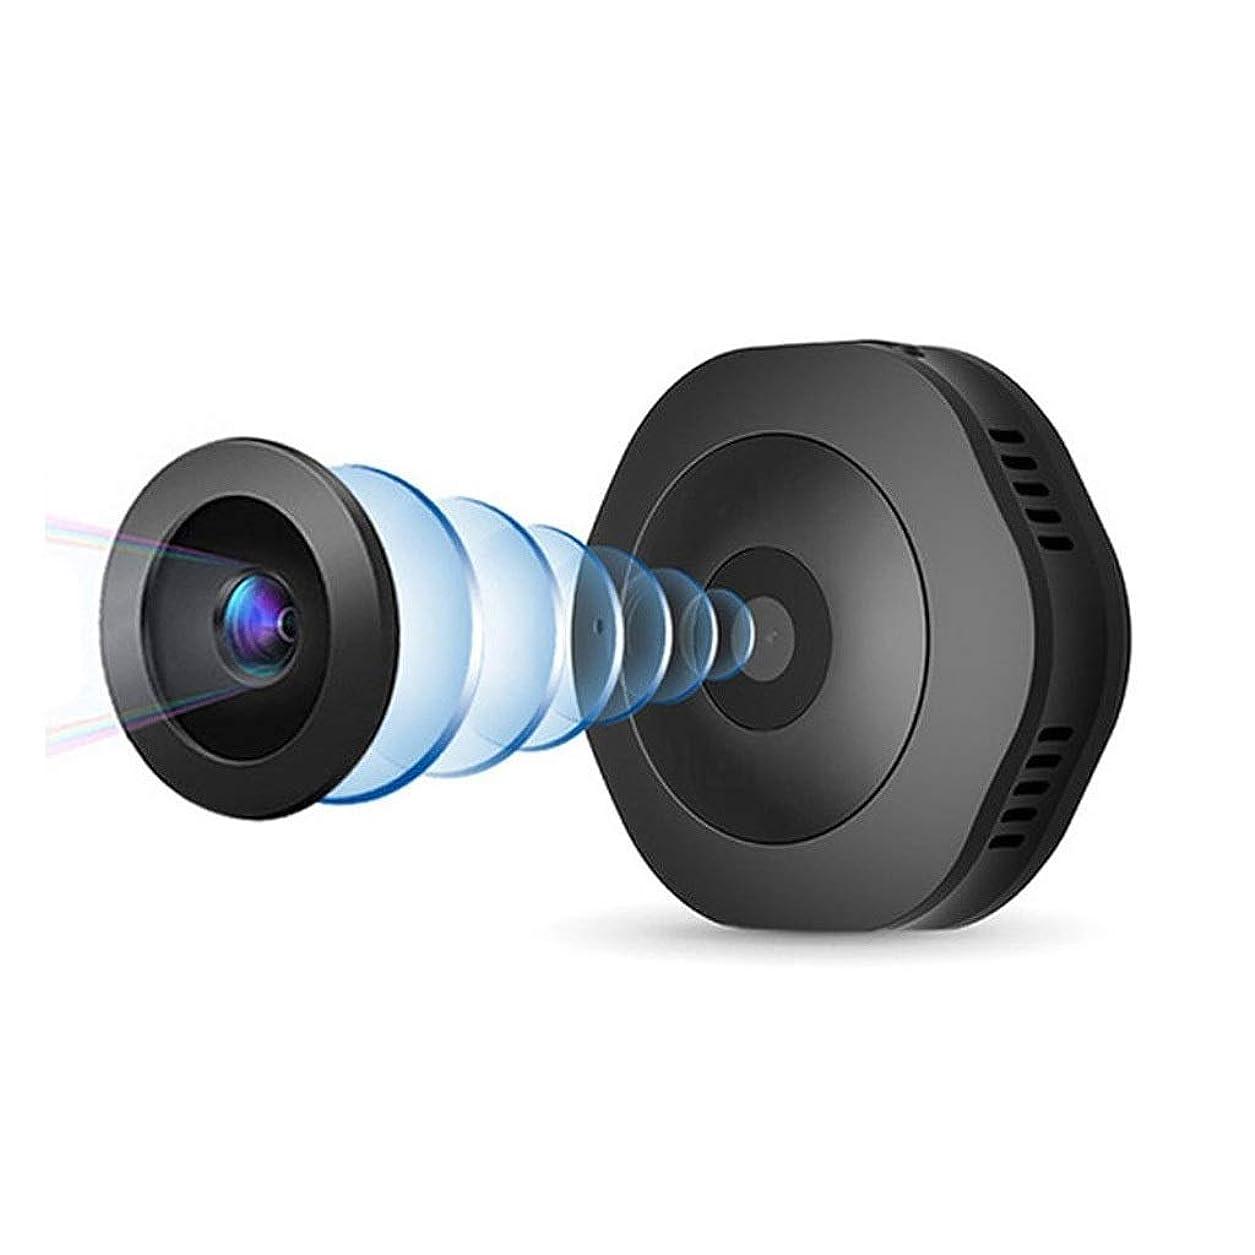 有用生物学国家超小型カメラ 夜間視界のHD 1080Pの保証監視カメラのWifiによって隠される無線スパイのカメラ (Color : +128G memory card)